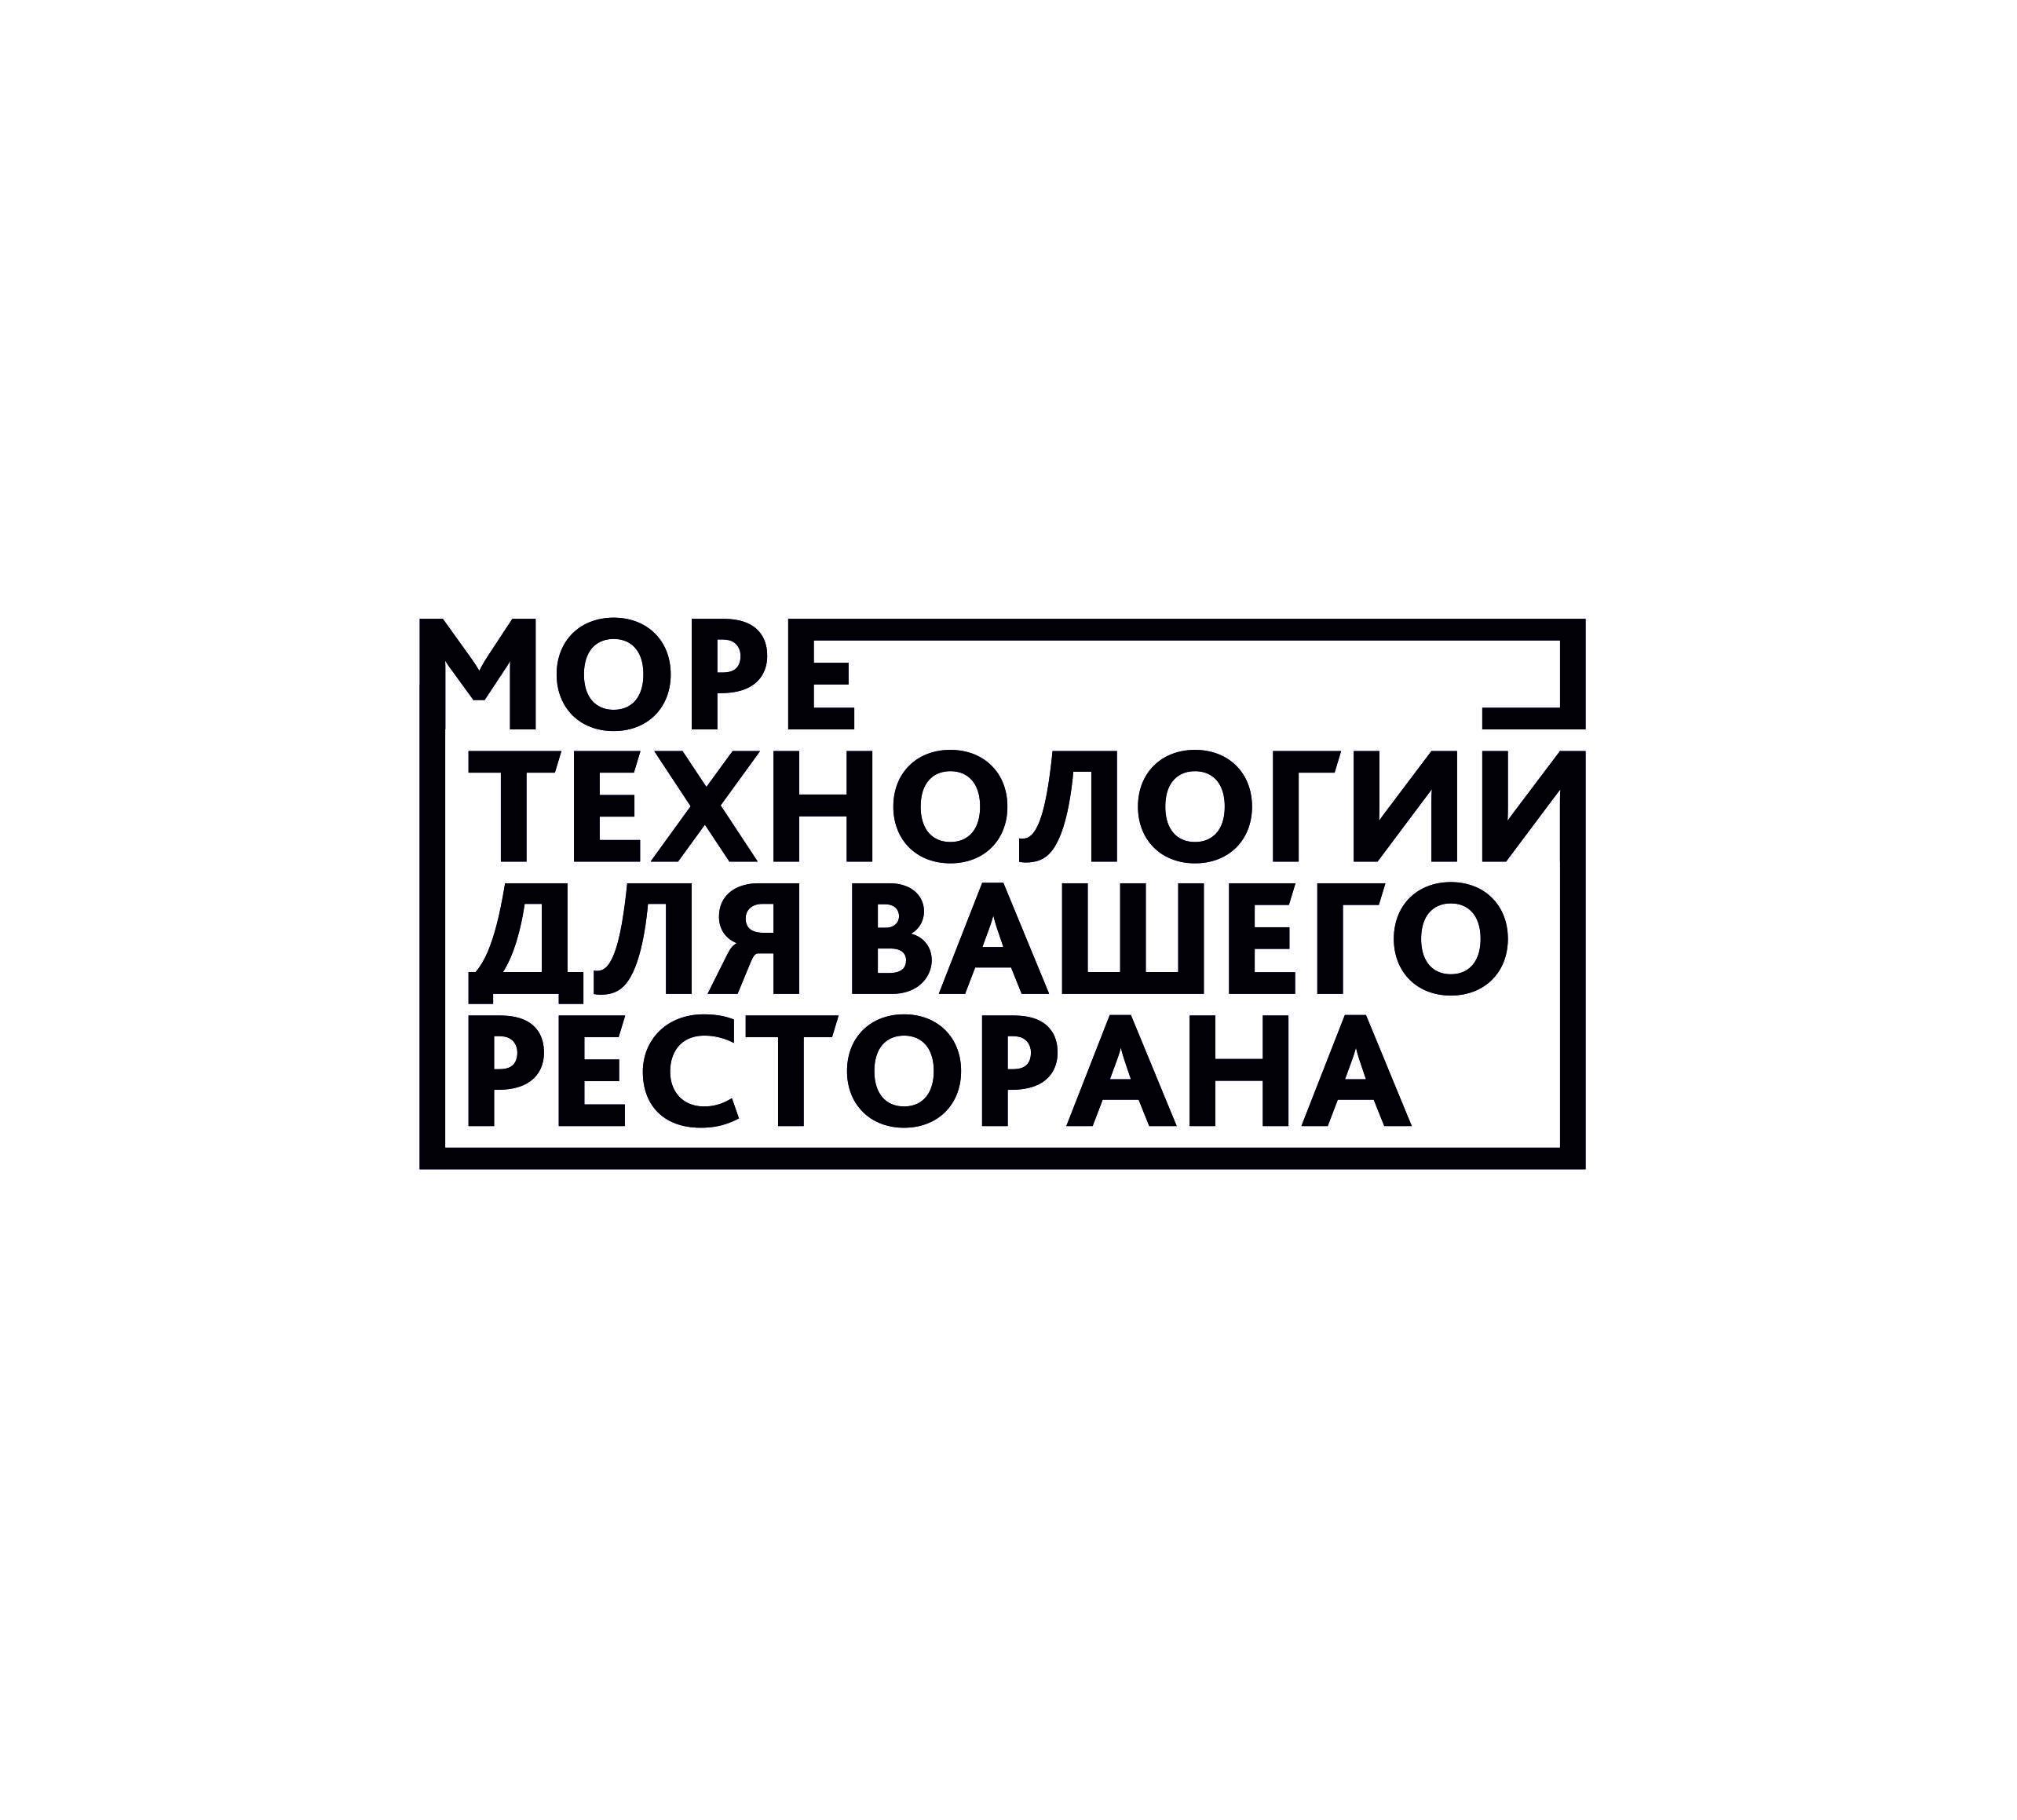 Логотип на заставку e81x eu